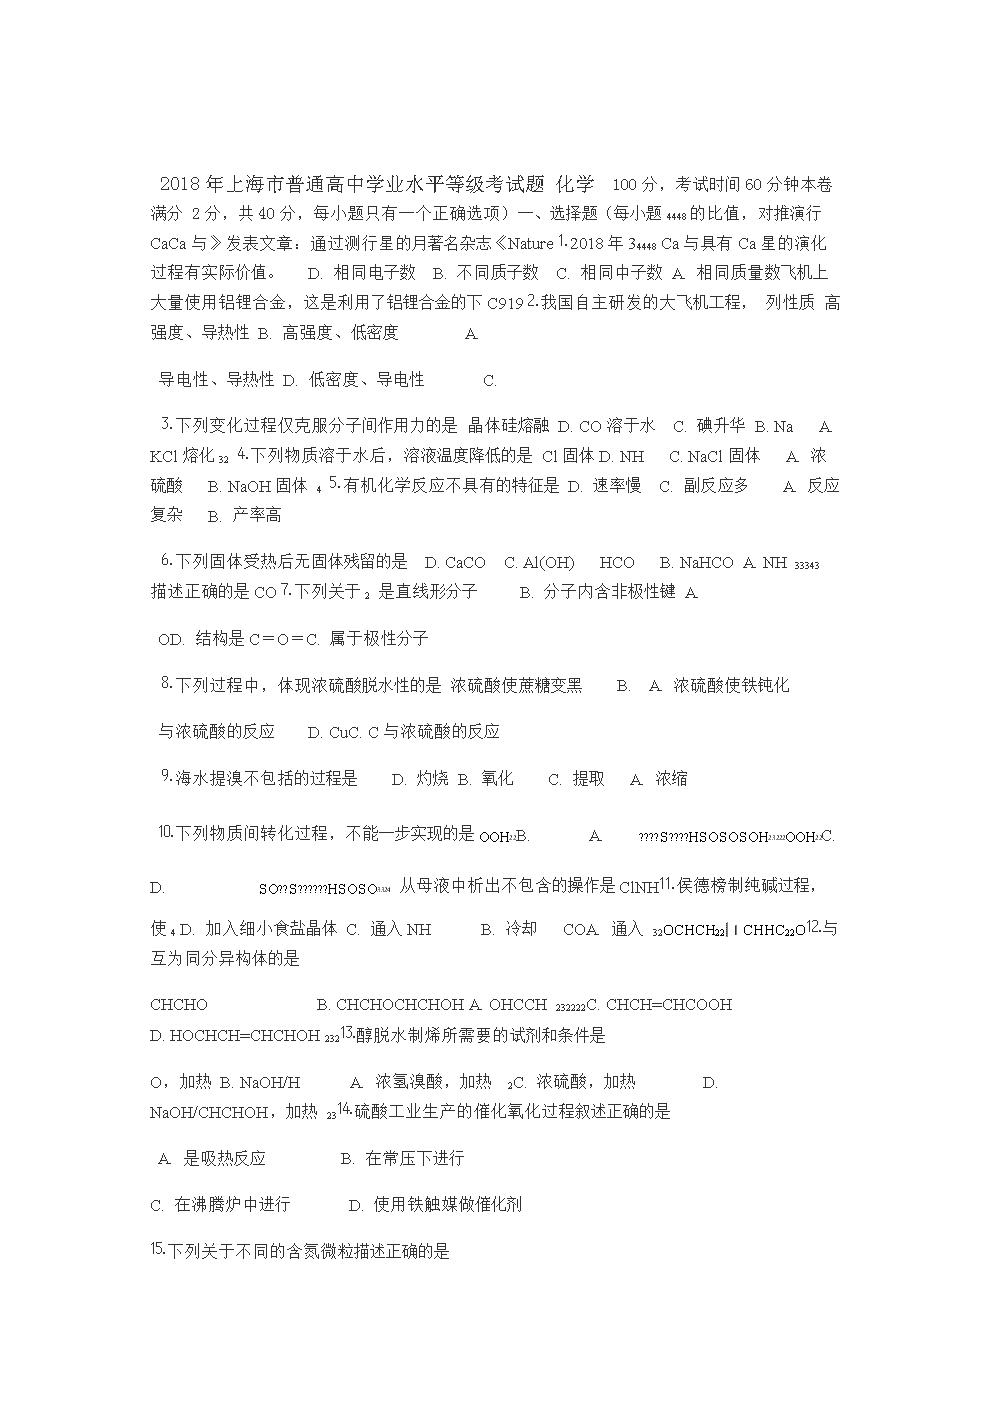 word完整版2018年上海高中学业水平考化学等级考试卷.doc